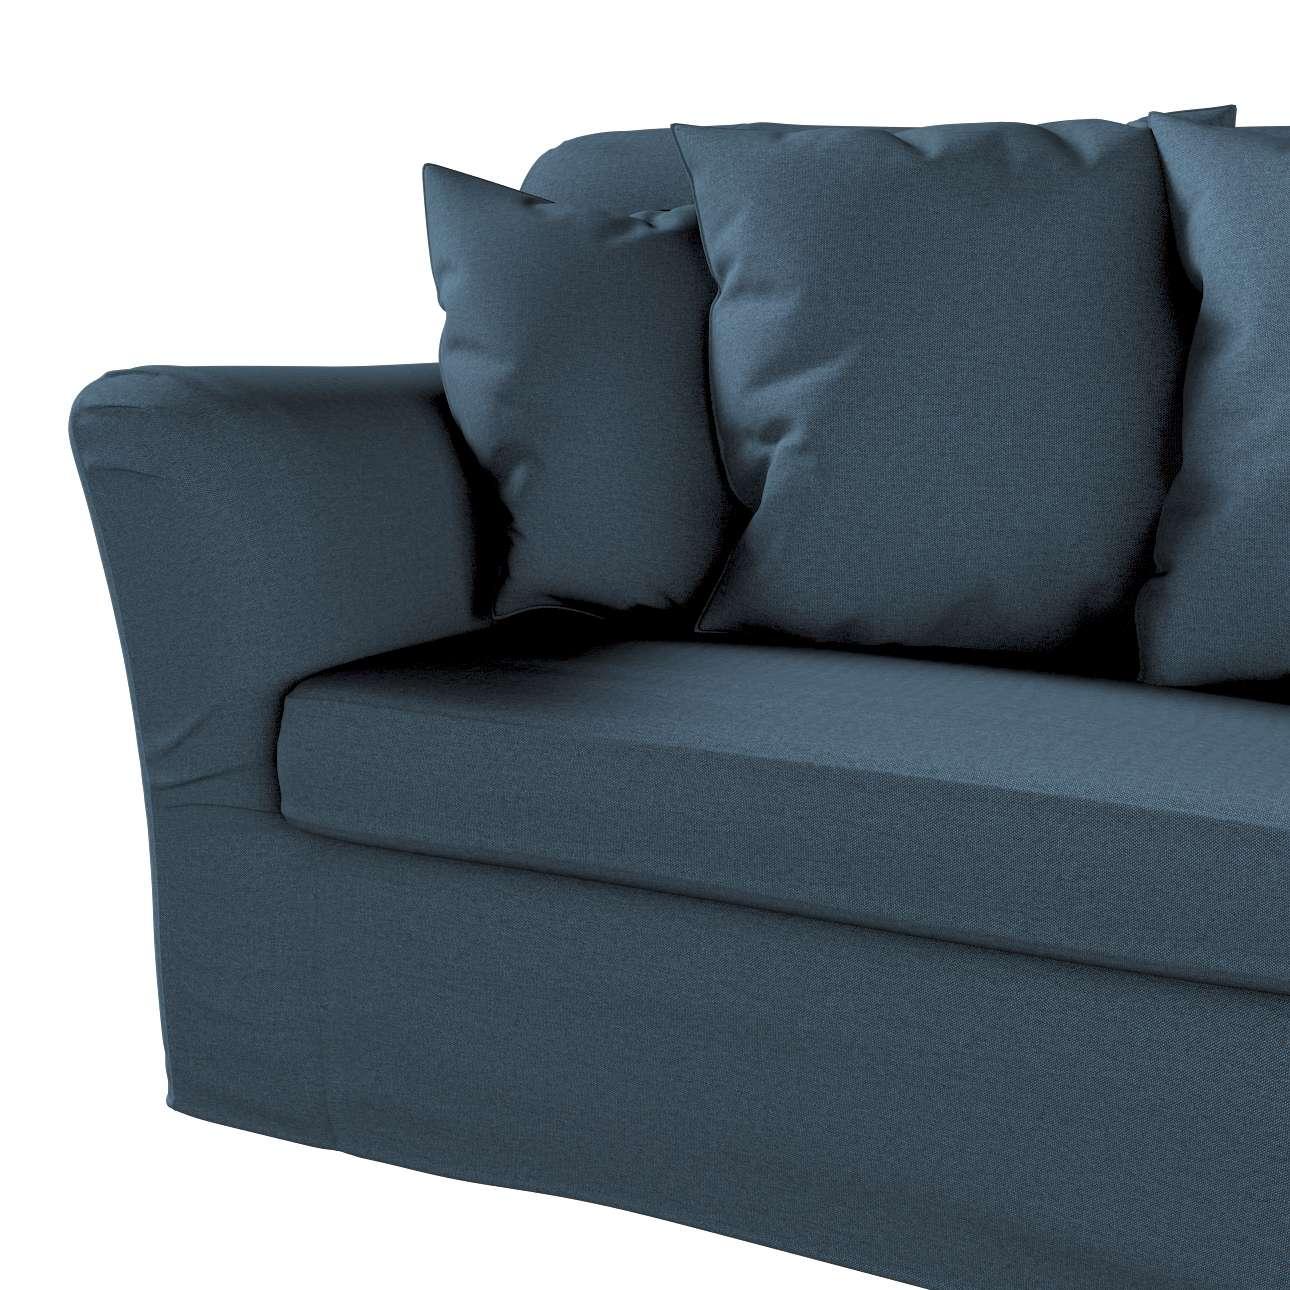 Pokrowiec na sofę Tomelilla 3-osobową rozkładaną w kolekcji Etna, tkanina: 705-30